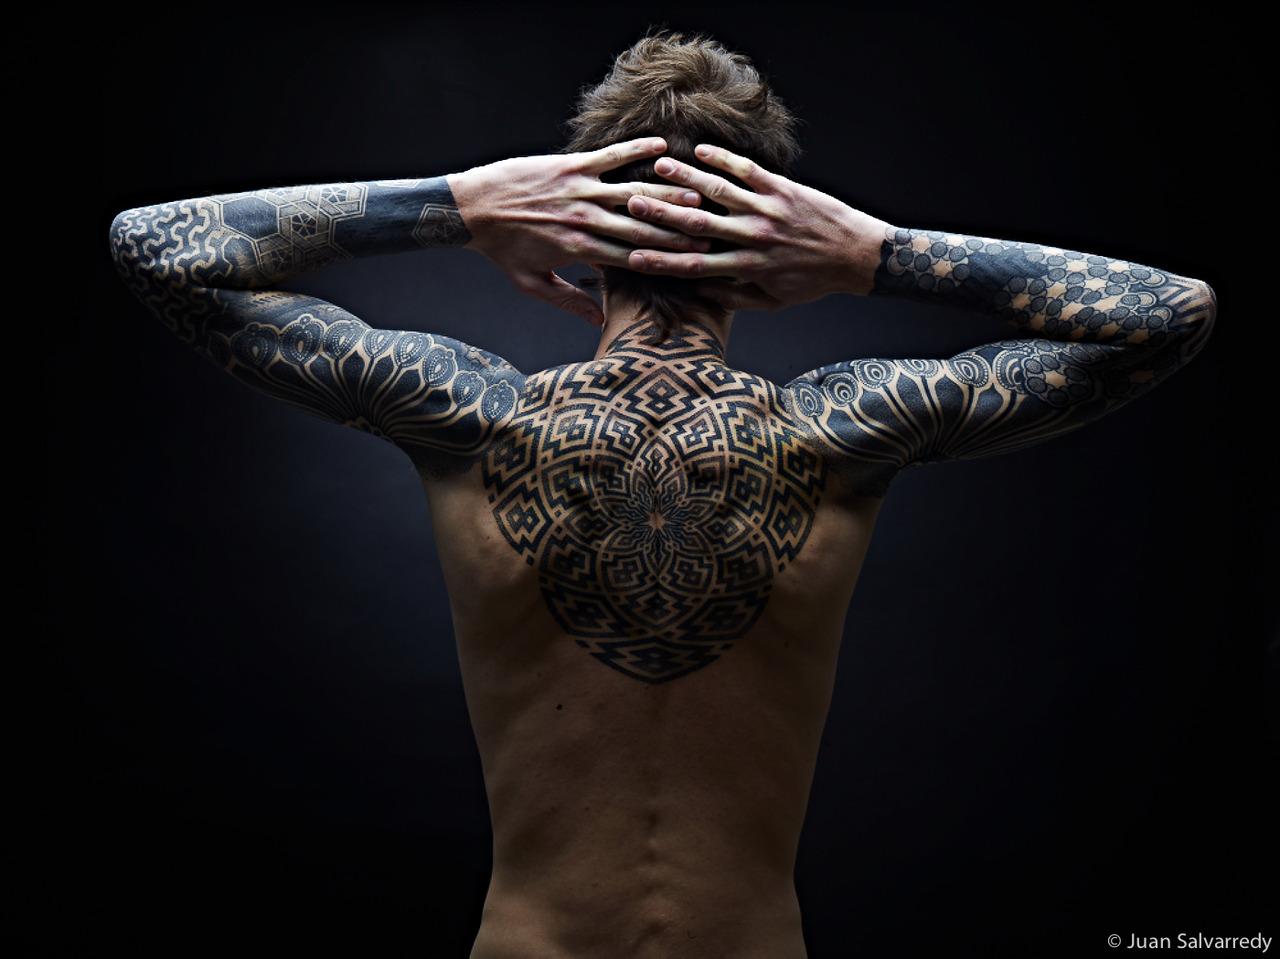 tumblr tattoo tattoos for men shoulder designs. Black Bedroom Furniture Sets. Home Design Ideas